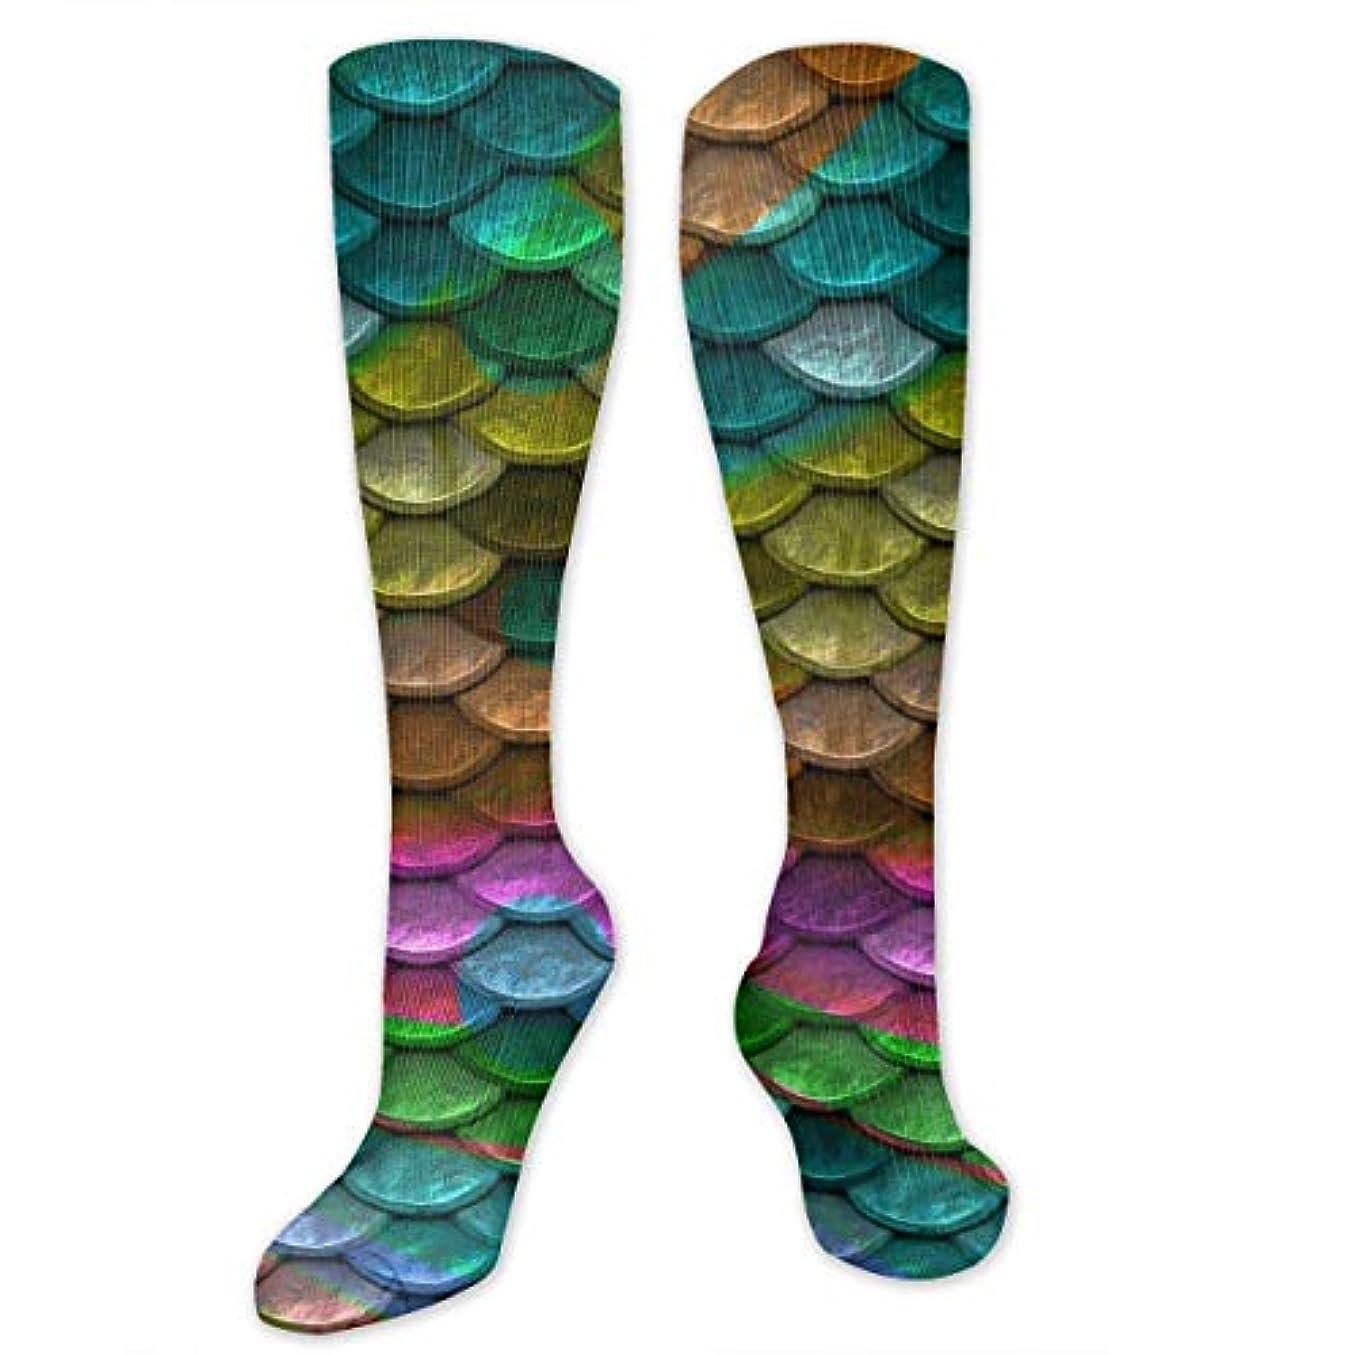 建物ファンオンス女性の男性のためのQrriyマジックマーメイド尾圧縮靴下-スポーツスポーツクロスフィットフライト旅行妊娠看護師(20-30 mmhg)を実行するためのフィット